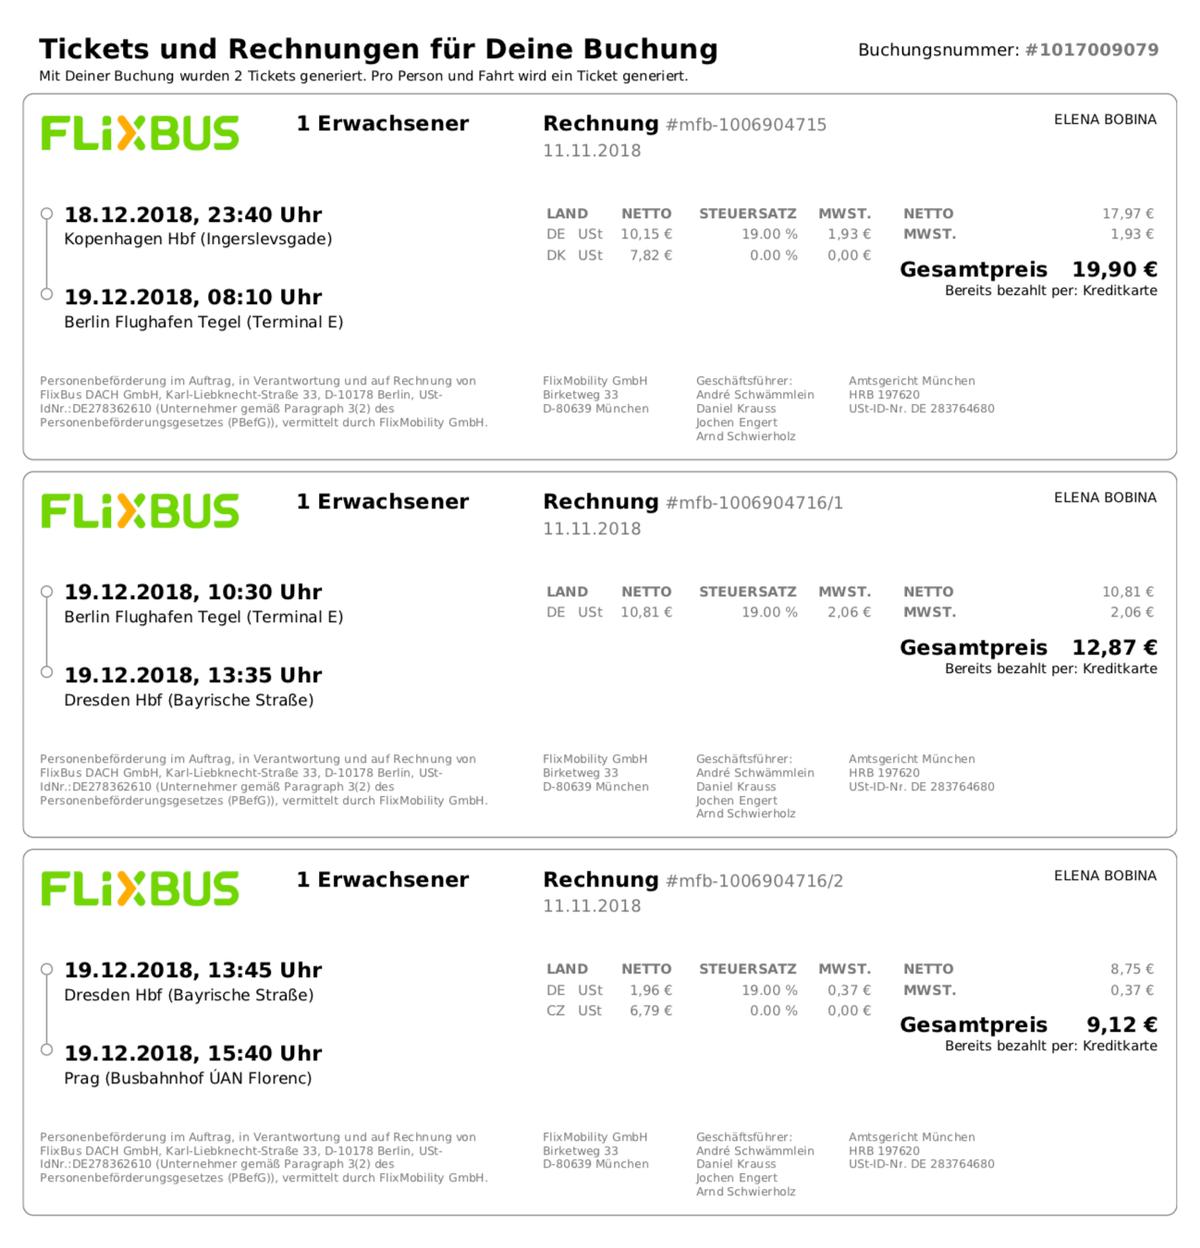 Наш билет на ночной автобус Копенгаген — Прага с пересадкой в аэропорту Берлина